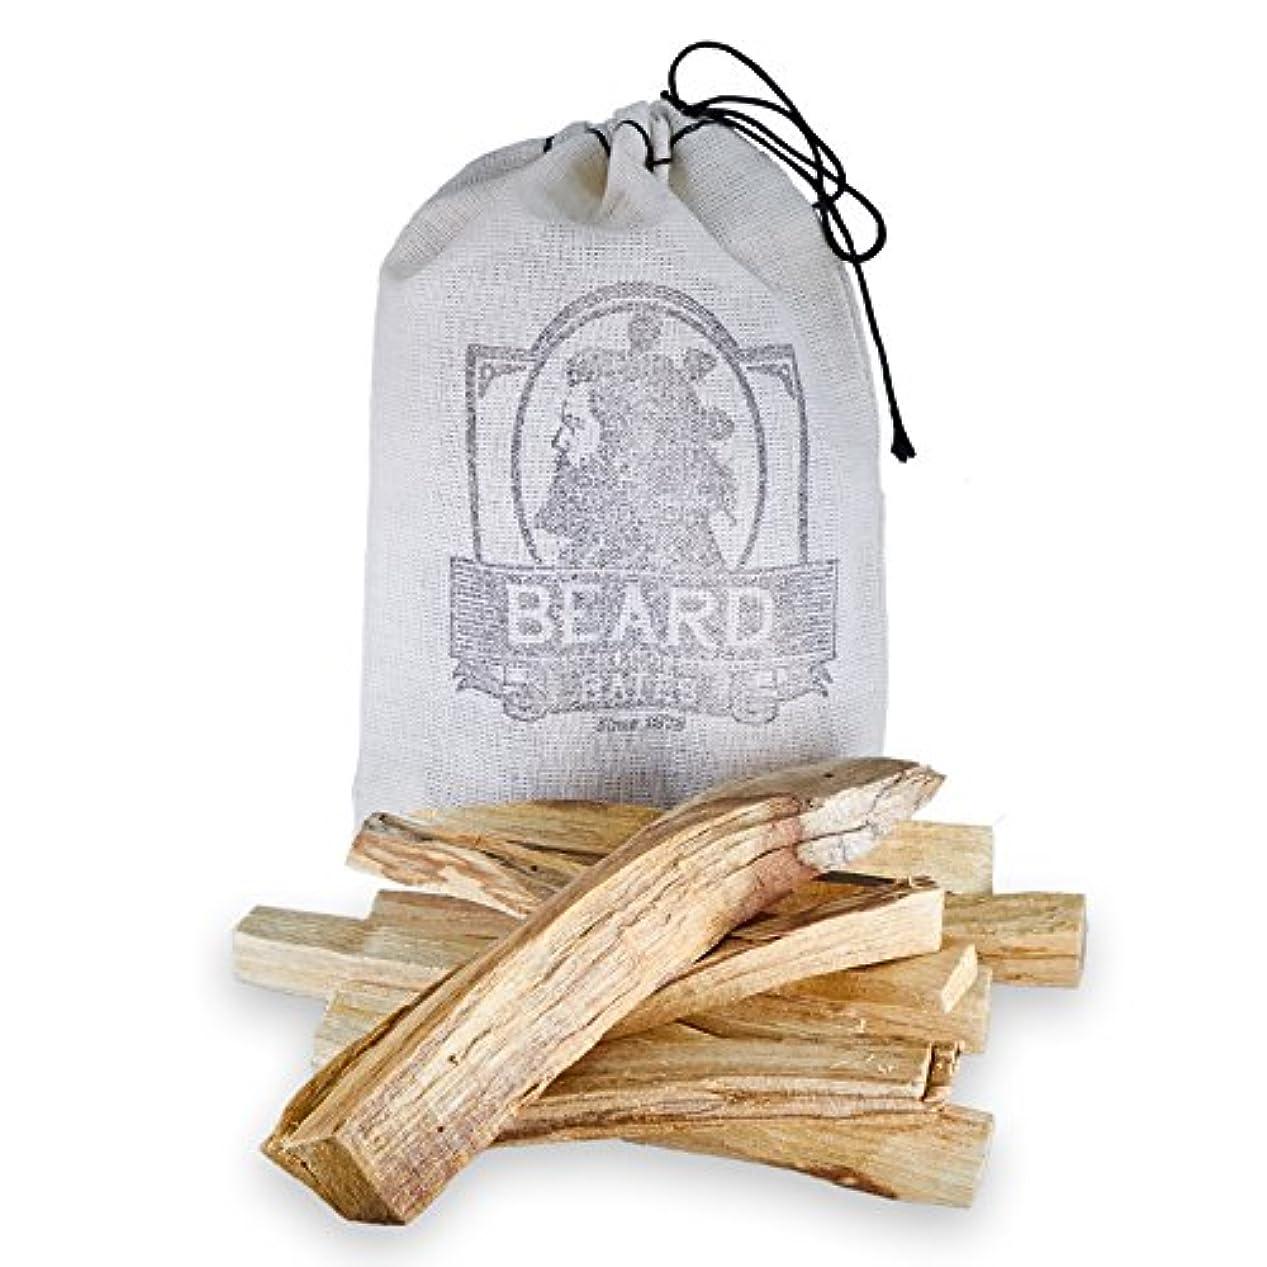 忠実に食品水分Beard & Bates   Palo Santo – Extra Large、Handcut、Sustainably Wild Harvested Incense Sticks for瞑想、クレンジング、Stress...